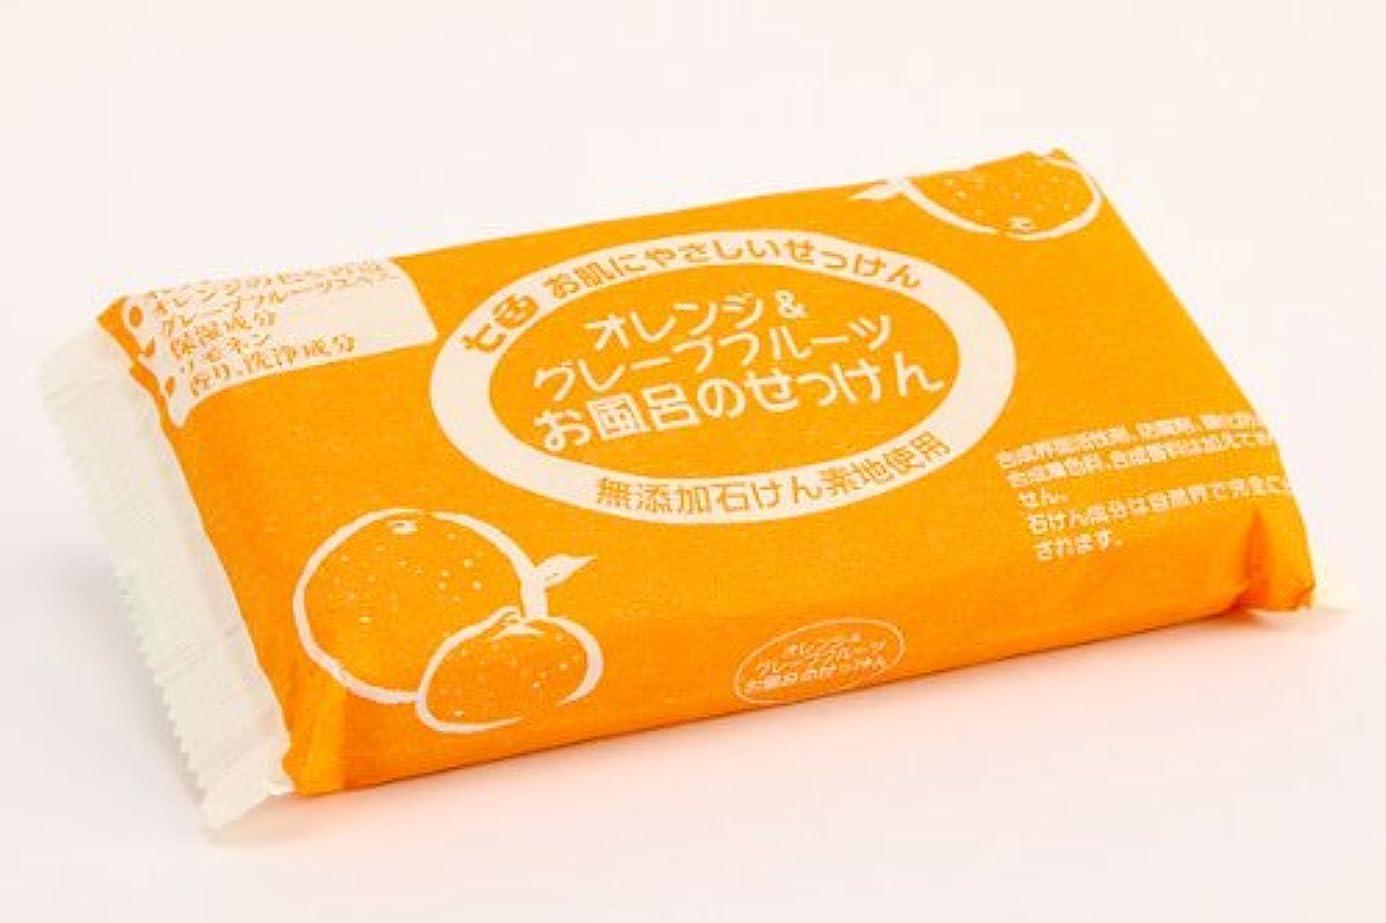 メロディアス救援クマノミまるは油脂化学 七色石けん オレンジ&グレープフルーツお風呂の石けん3P 100g×3個パック